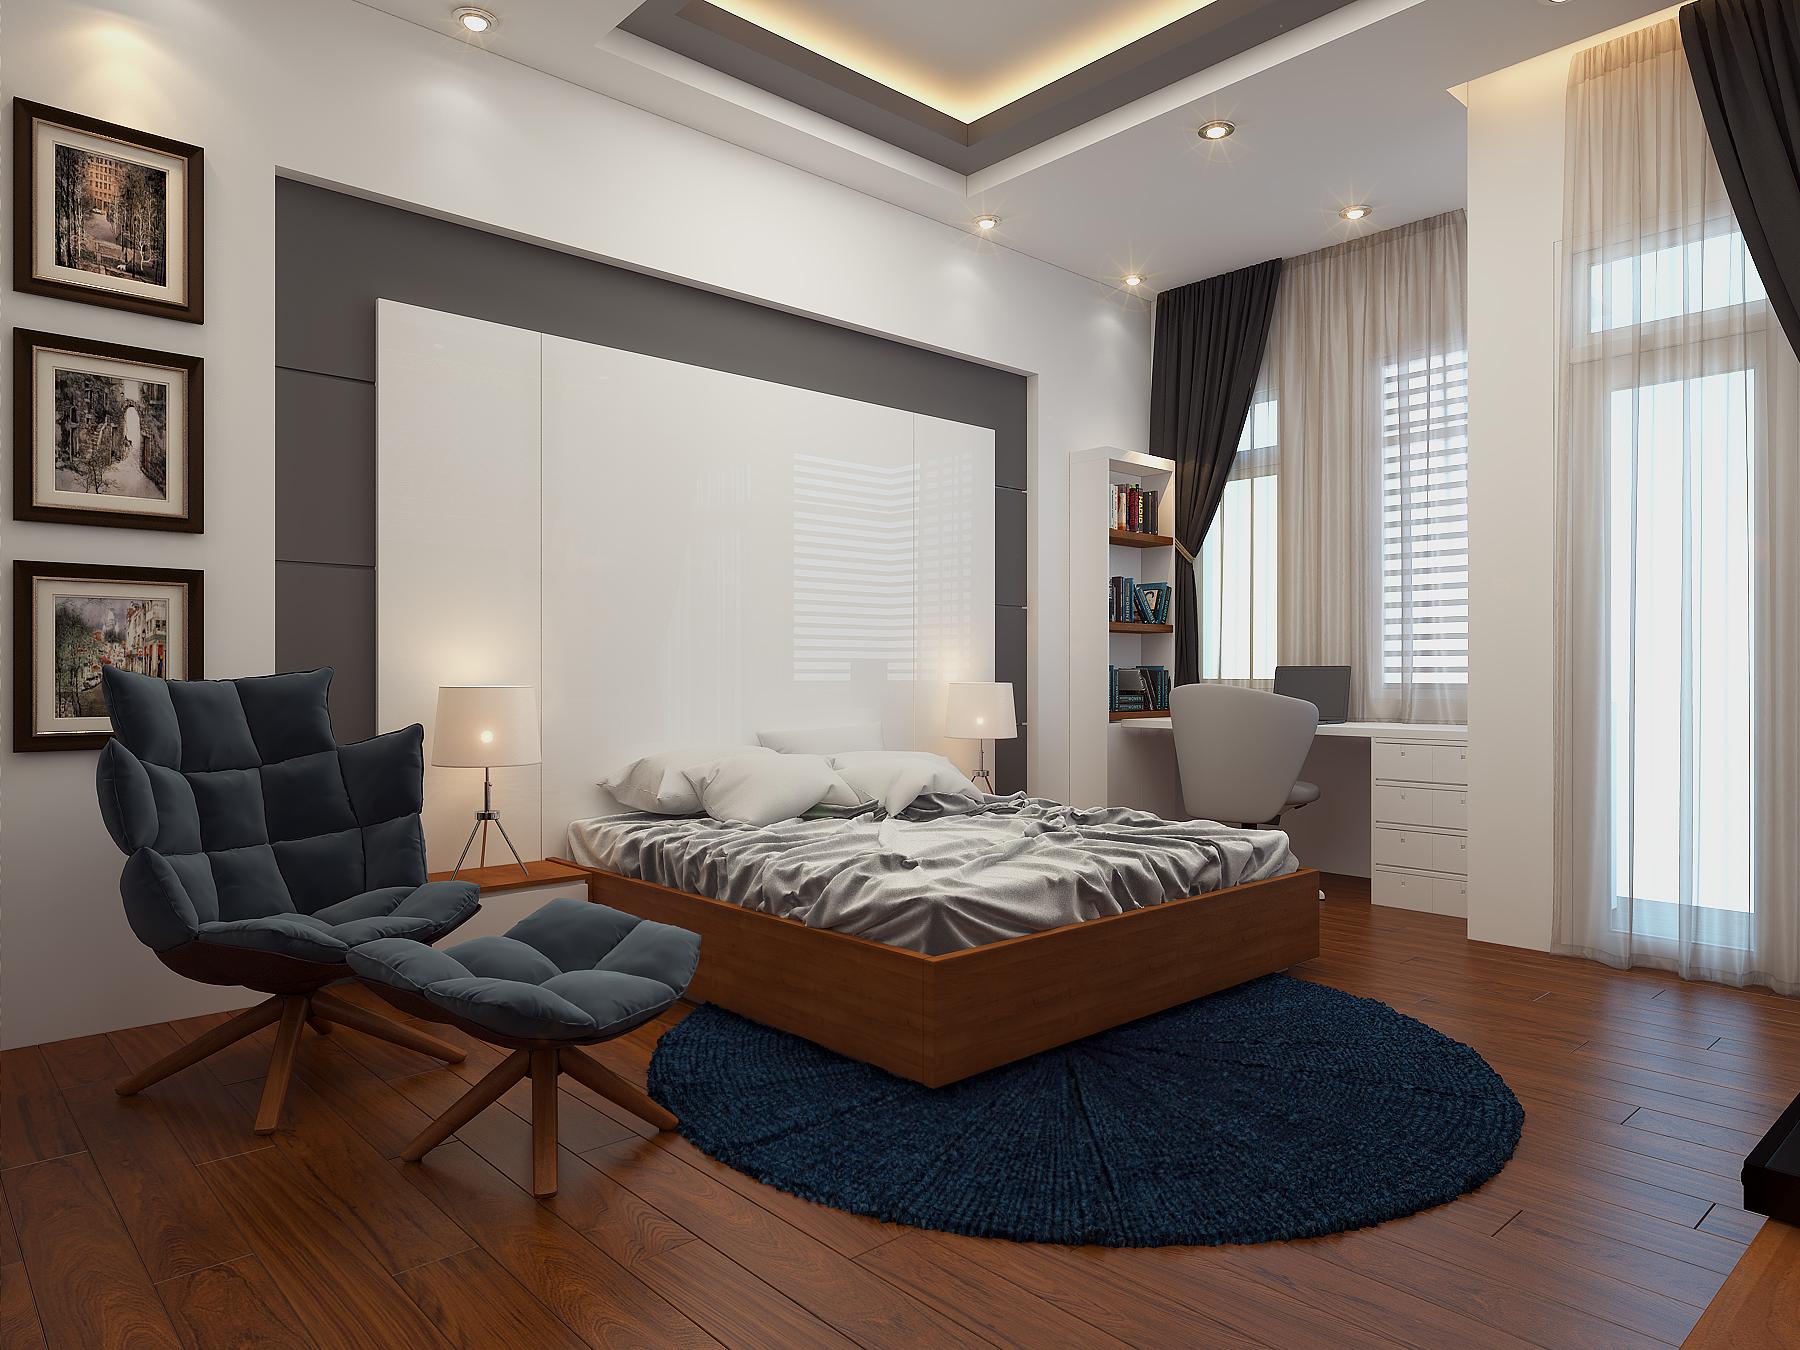 PHONG CON TRAI 3 Mẫu thiết kế nhà đẹp 4,5x18m 3 tầng mới hiện đại ngập không gian xanh đẹp tuyệt ở Biên Hòa